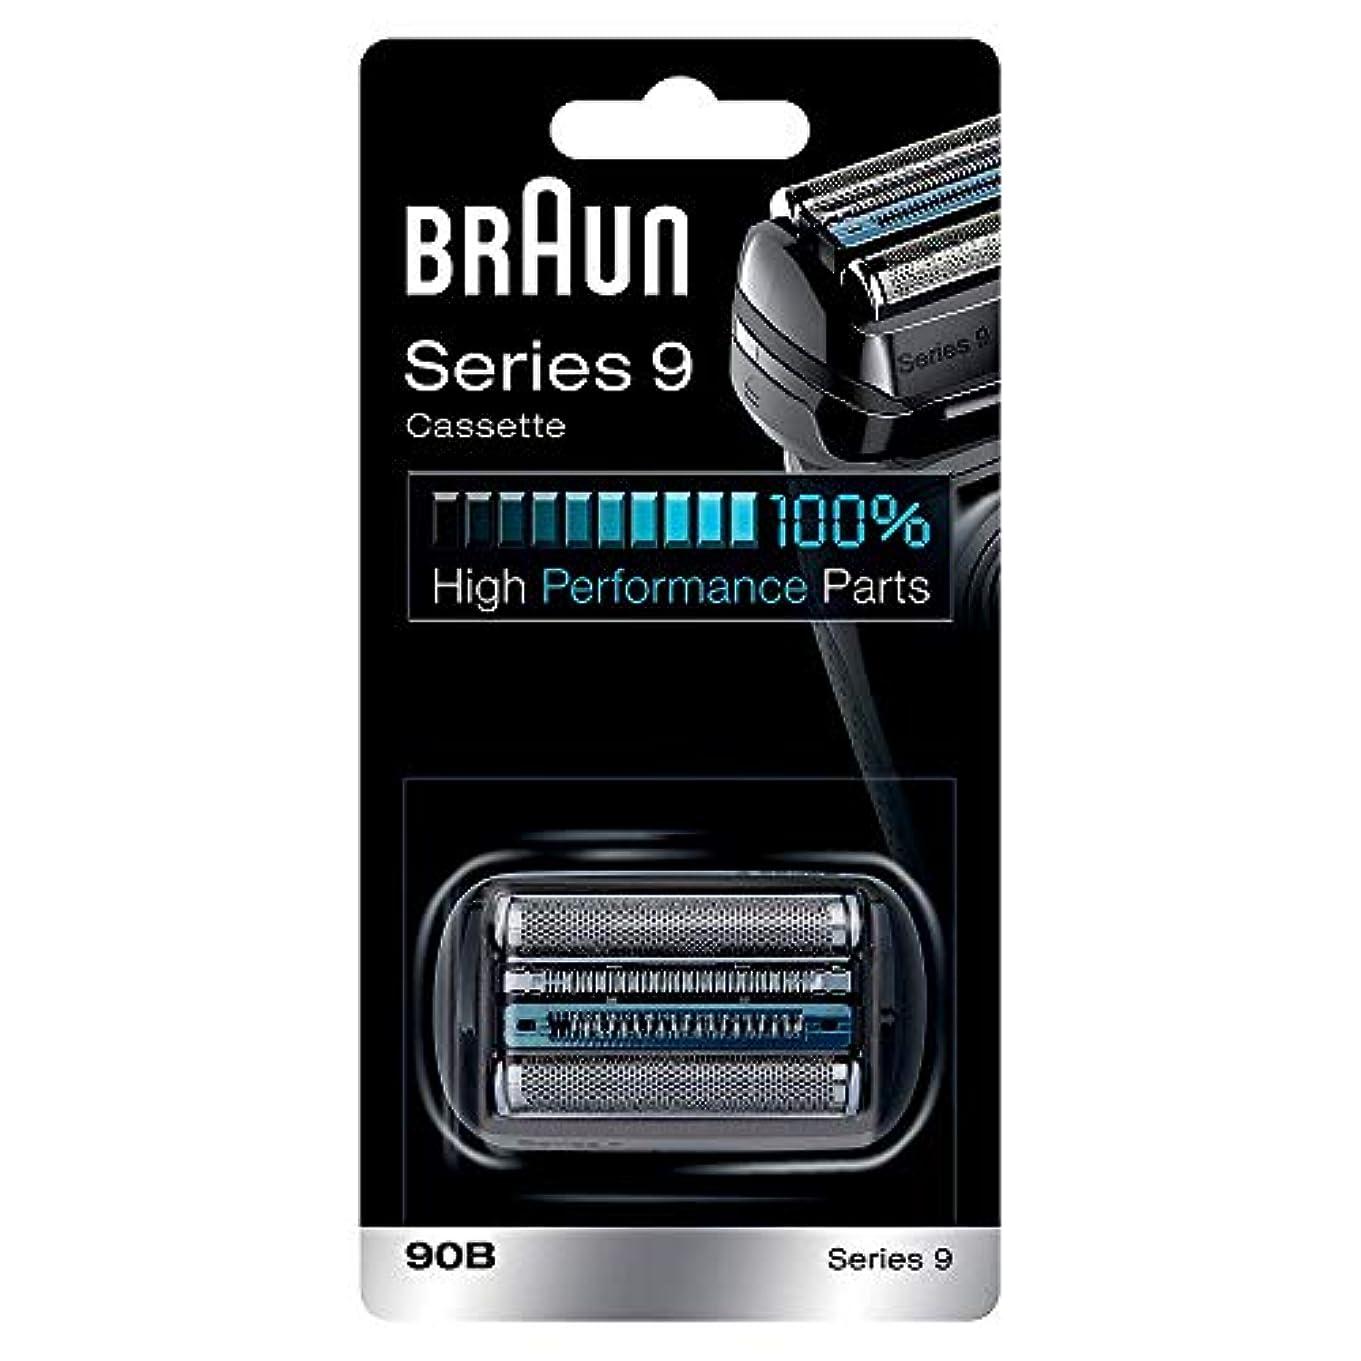 ショップハイキングに行く純度Braun 90B シリーズ9電気かみそりのためのブラックフォイルカッターヘッドパック 90B [並行輸入品]